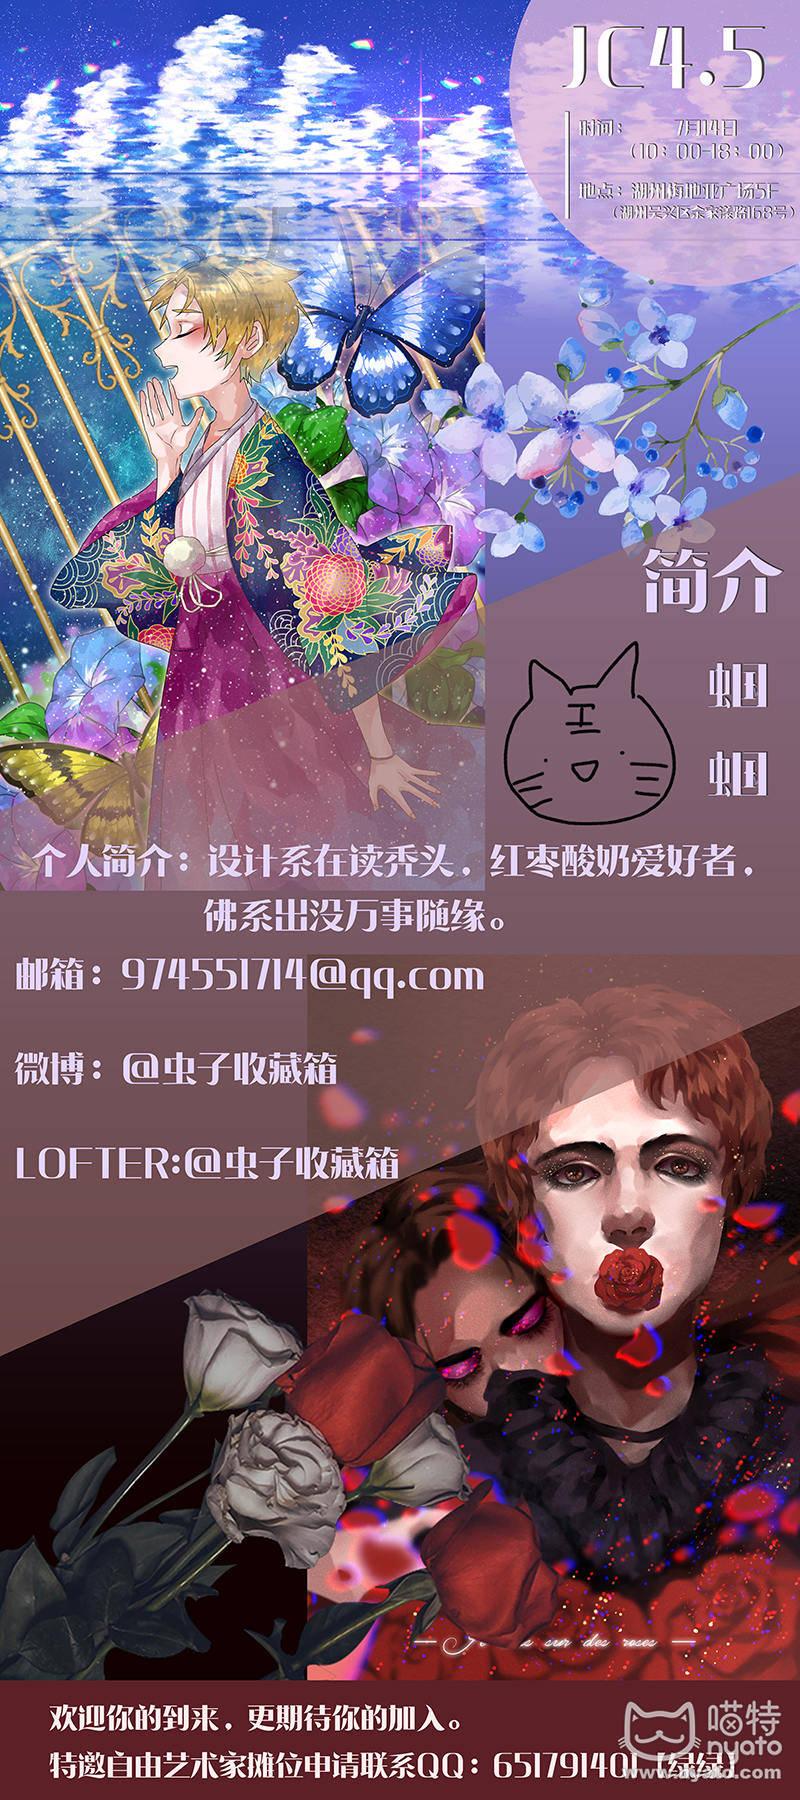 【湖州JC4.5】特邀自由艺术家:蝈蝈.jpg